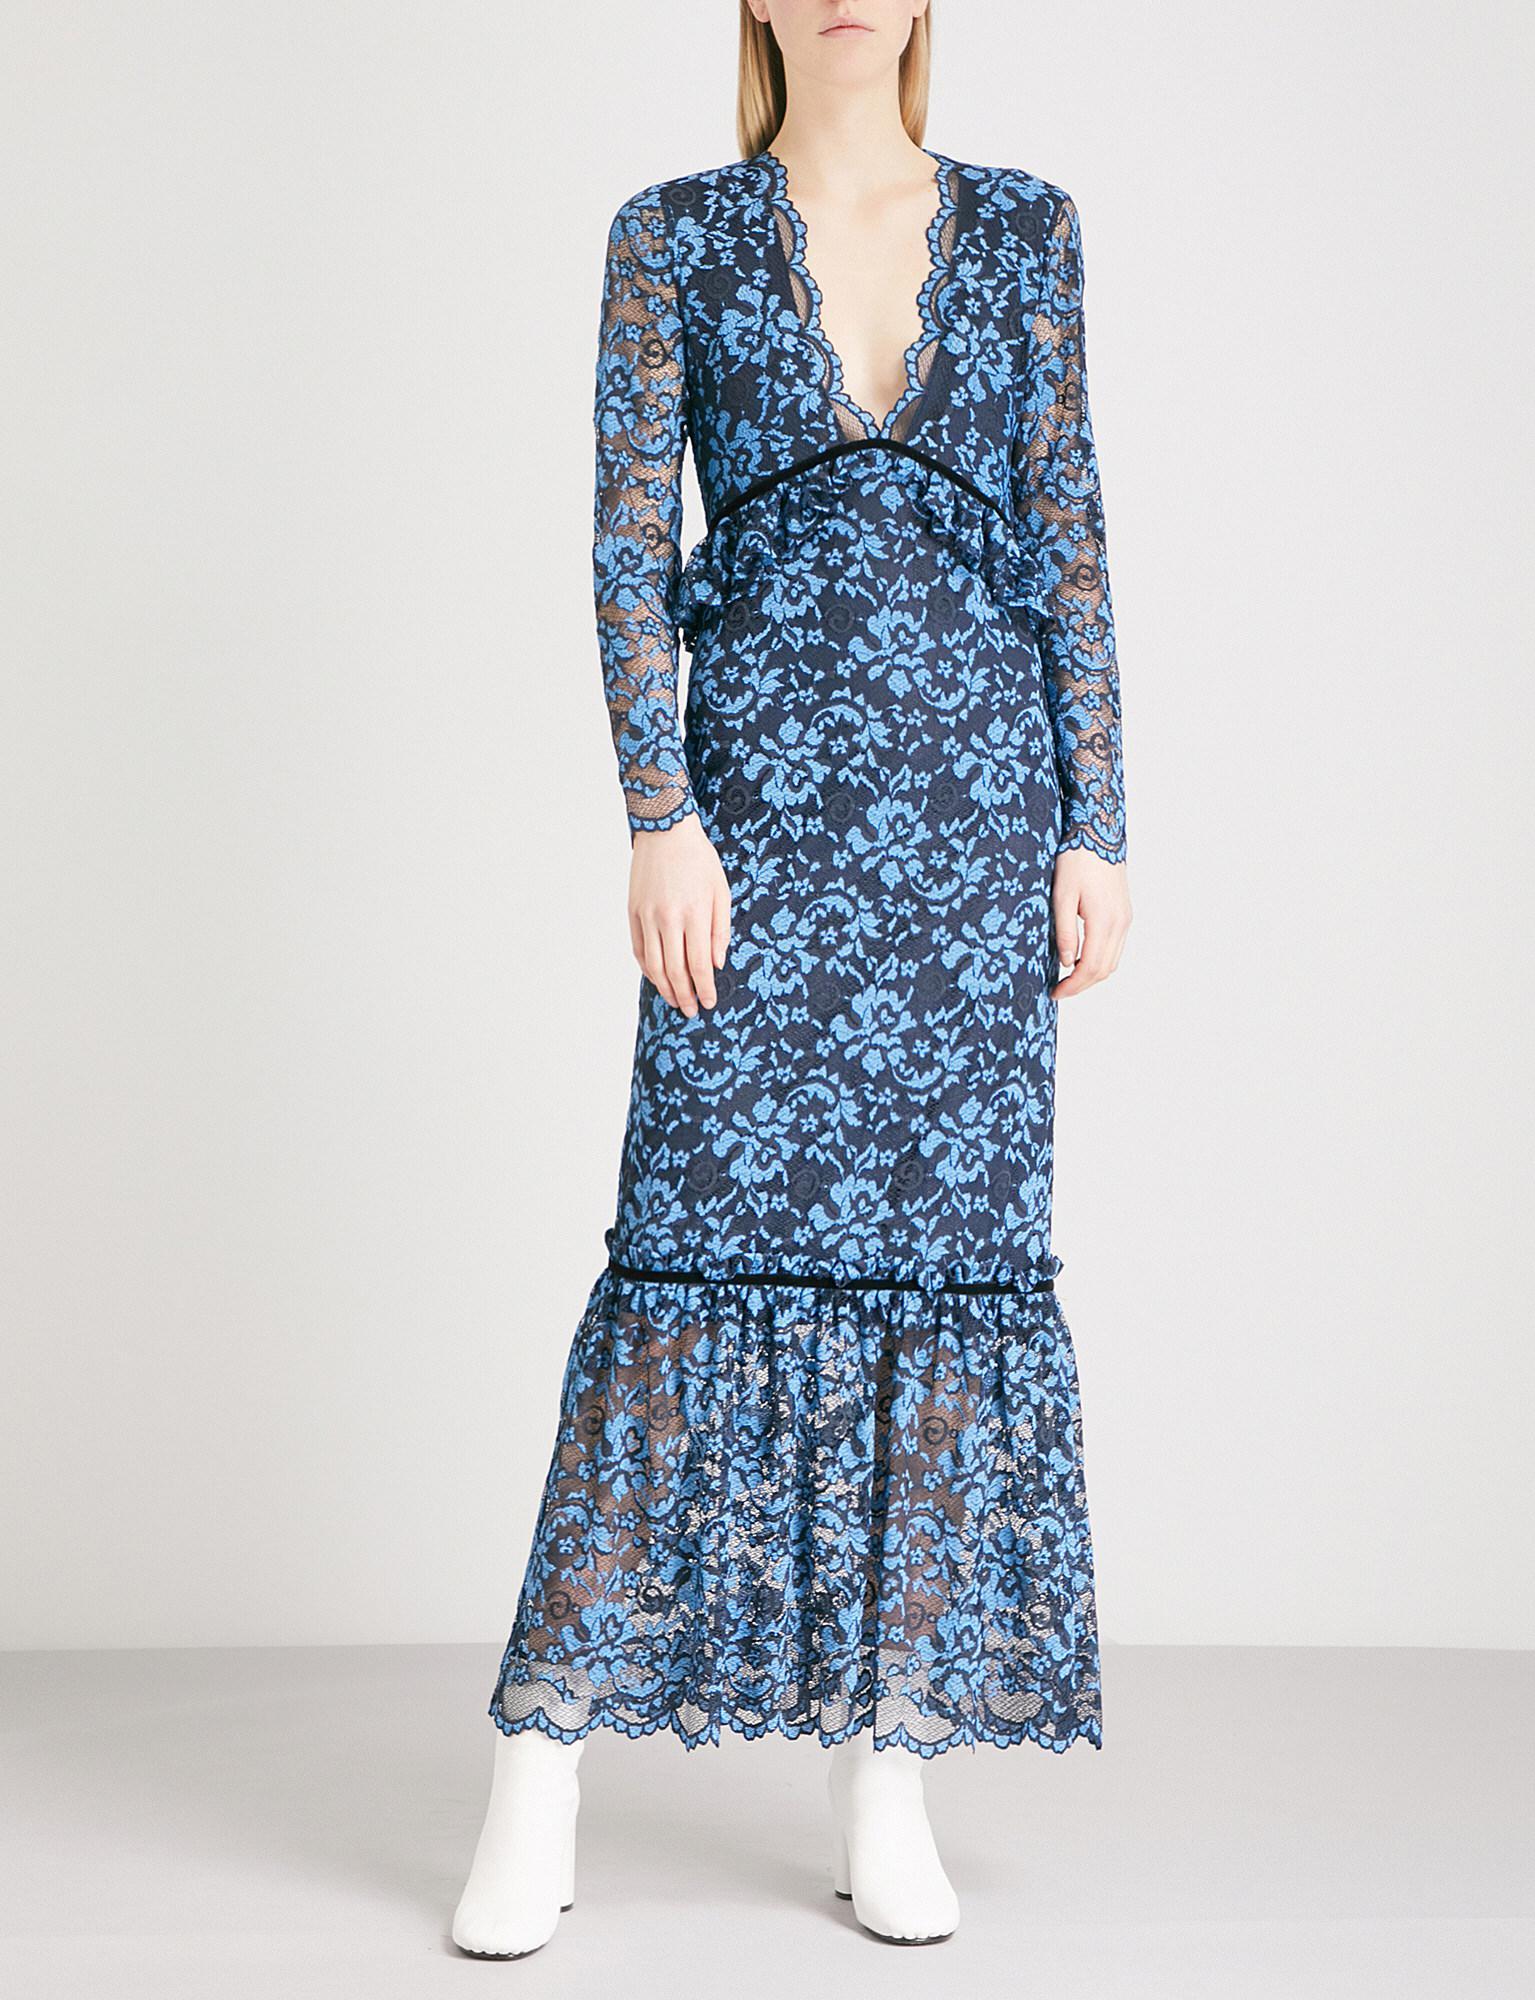 6757c8a2 Ganni Flynn Lace Midi Dress in Blue - Lyst